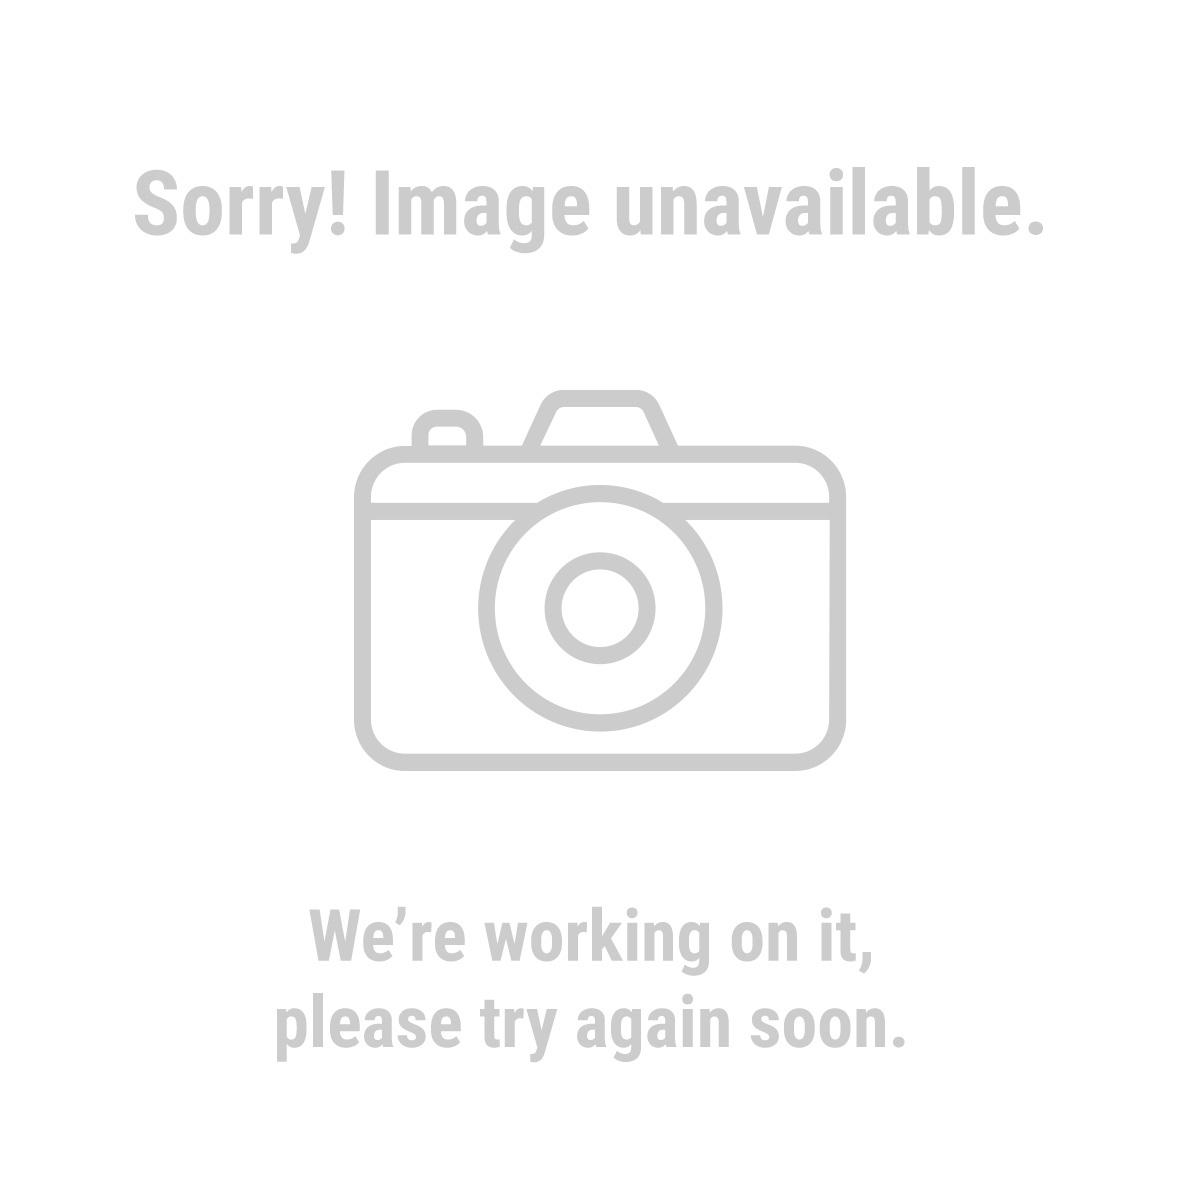 Warrior 60744 5 Piece 3 in. 100 Grit Twist-Lock Abrasive Discs